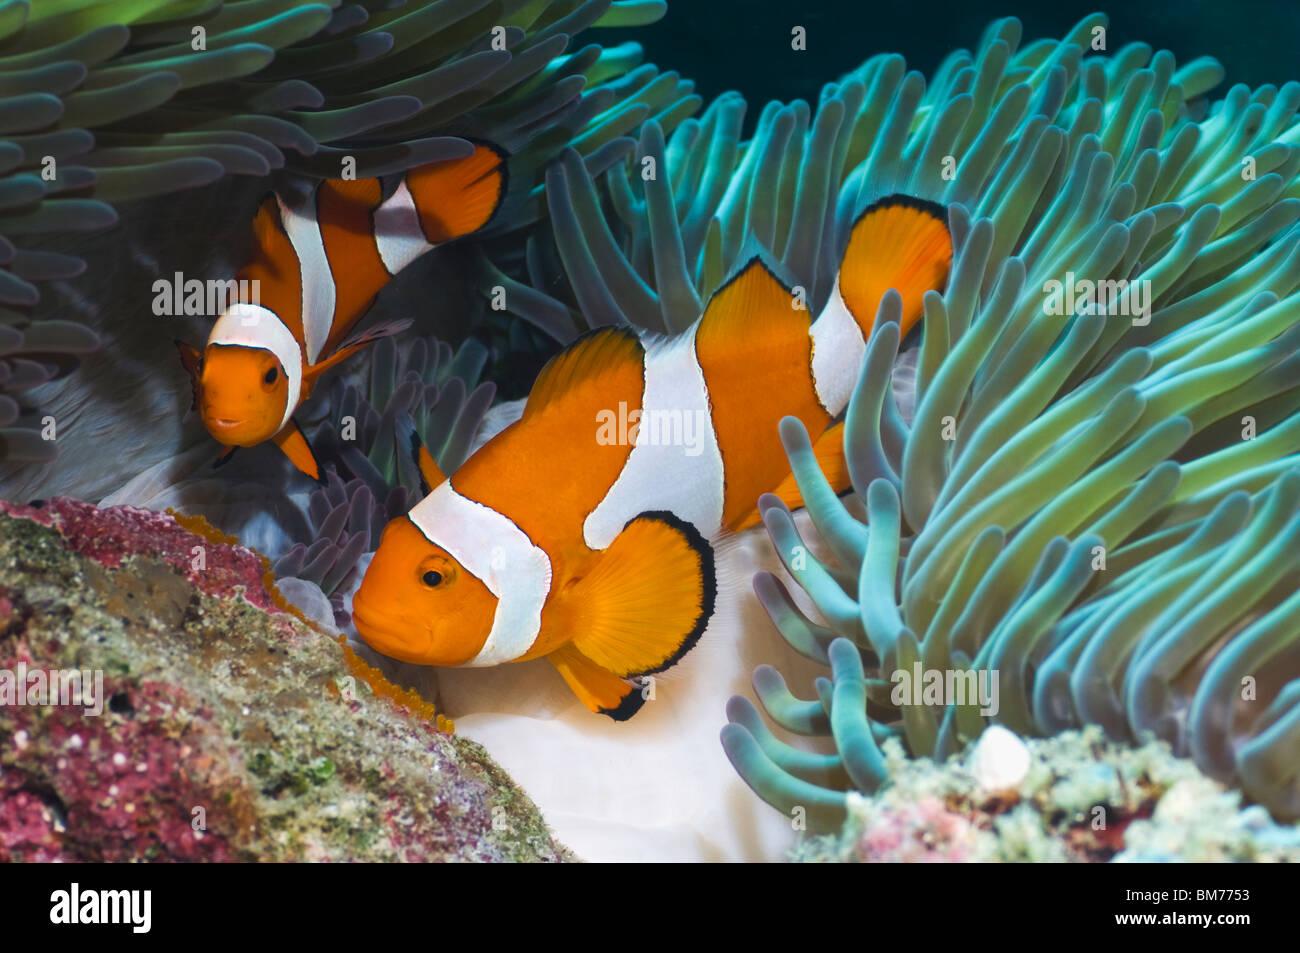 Fantastisch Fisch Färbung Seite Fotos - Beispielzusammenfassung ...